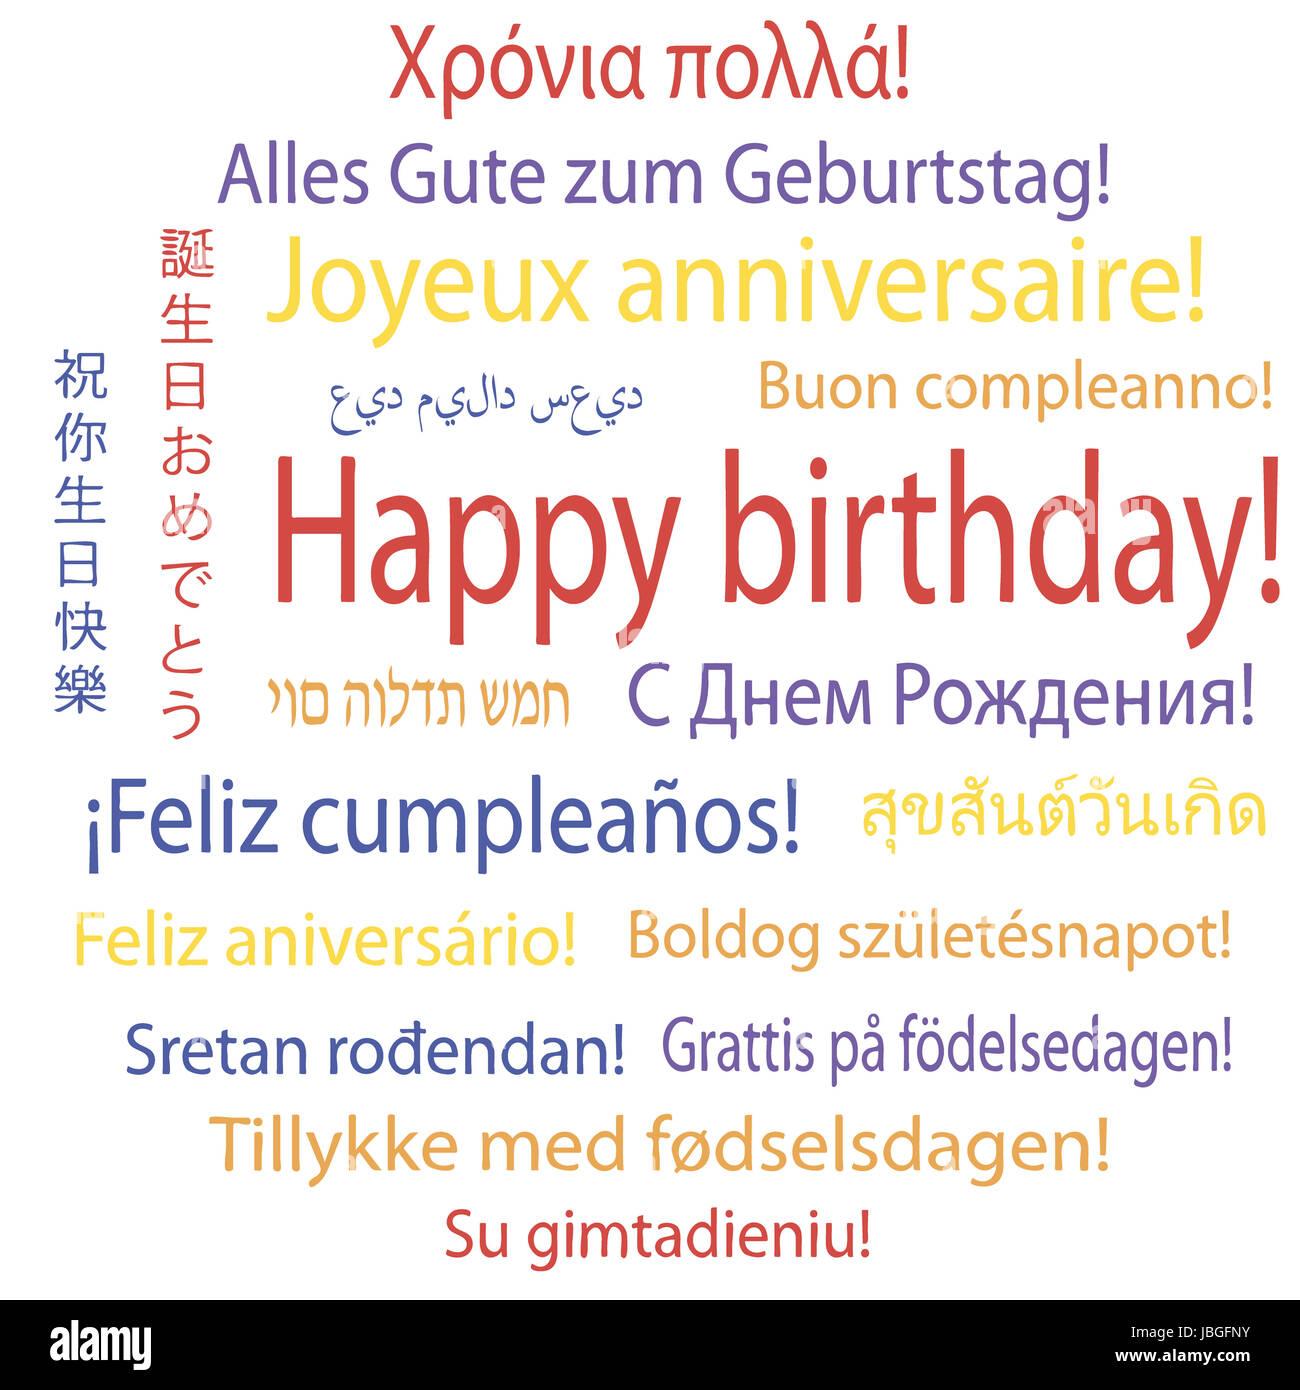 Alles Gute zum Geburtstag in vielen Sprachen, Vektor